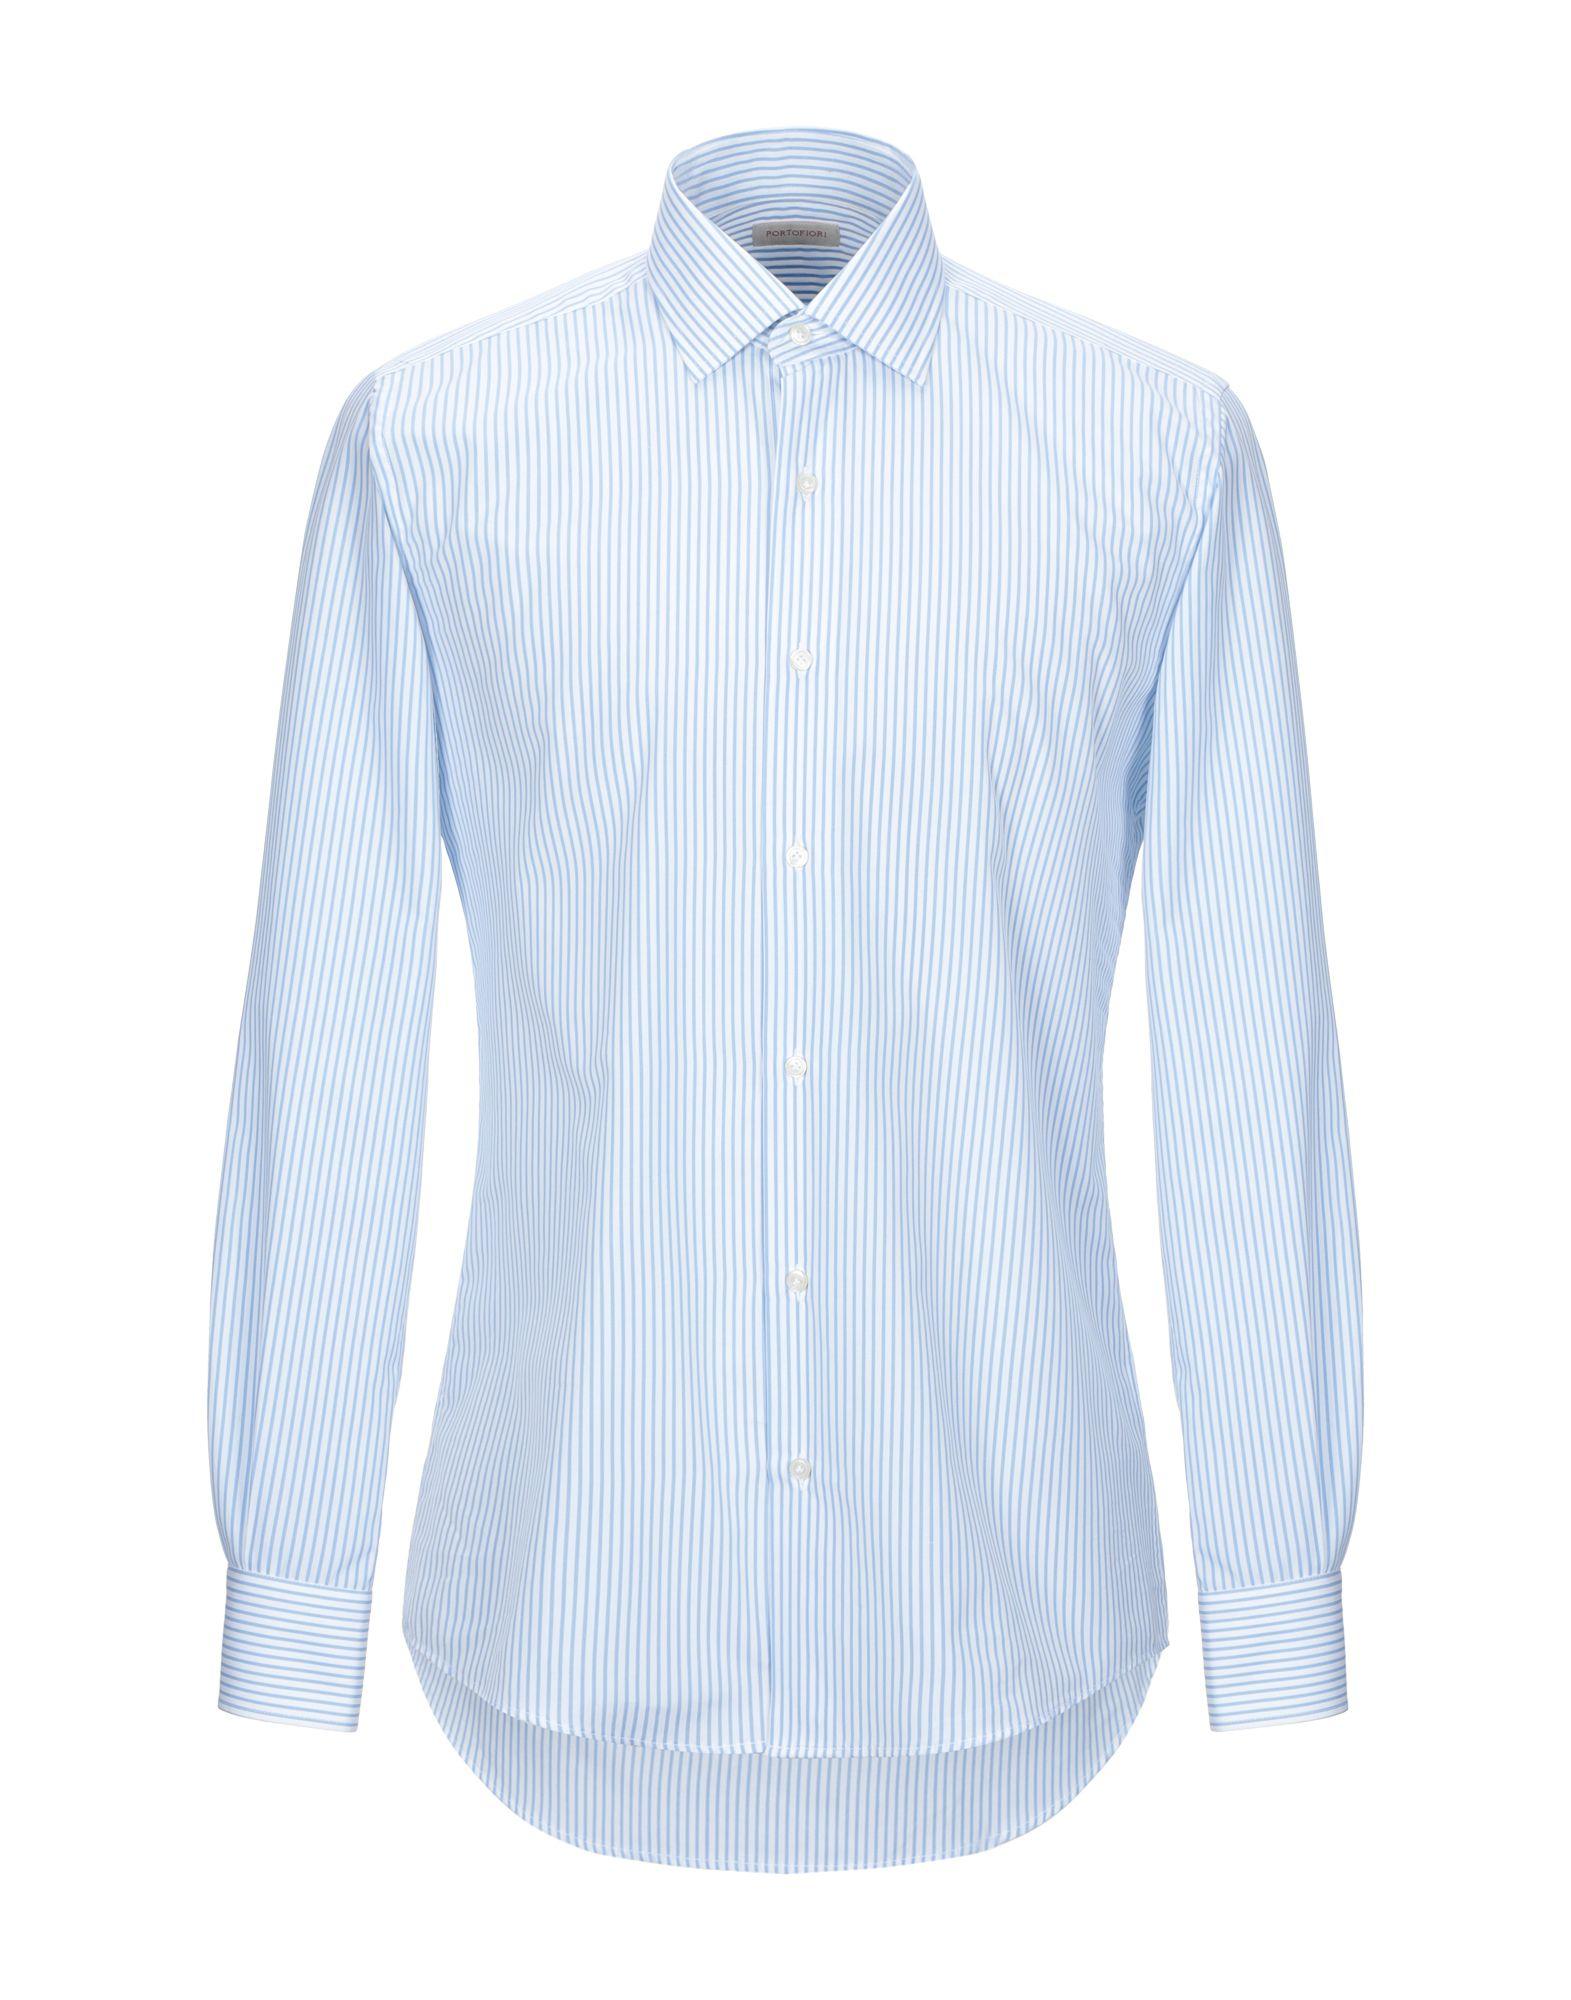 Camicia Camicia Camicia A Righe Portofiori uomo - 38832053FT 325